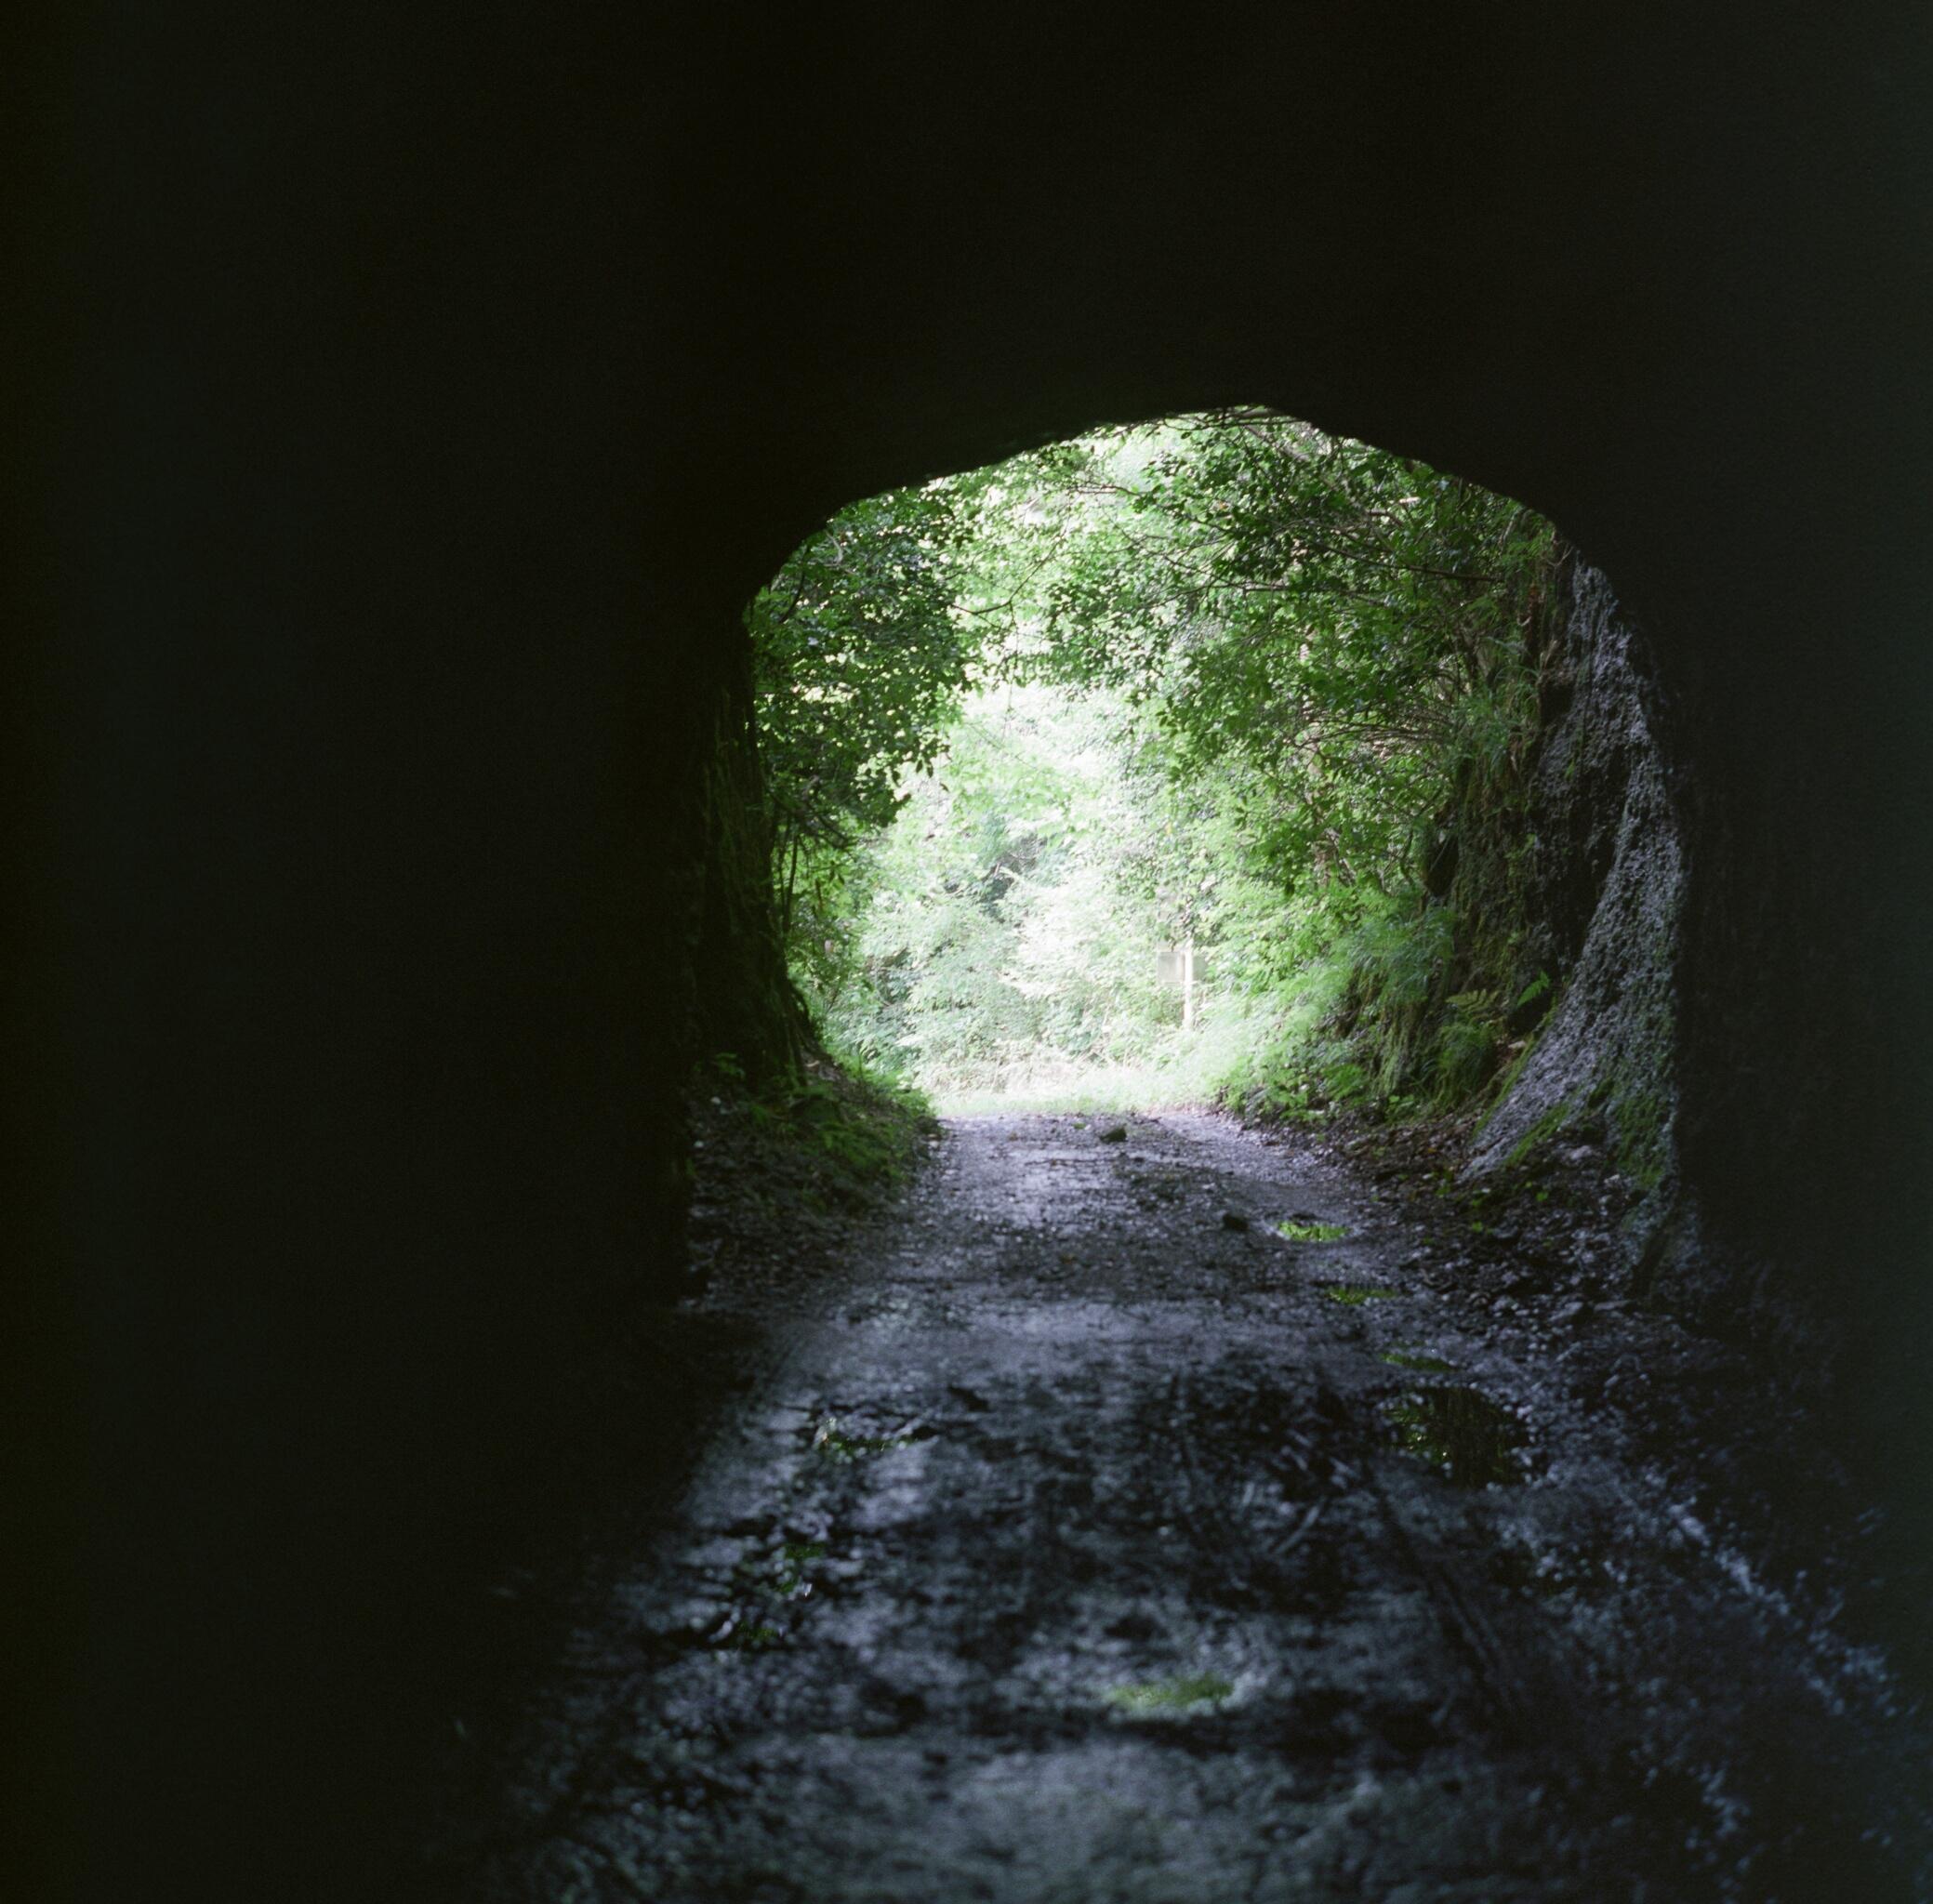 旧鮫ヶ浦漁港へ続くトンネル(大鮫隧道) 撮影:森賢一